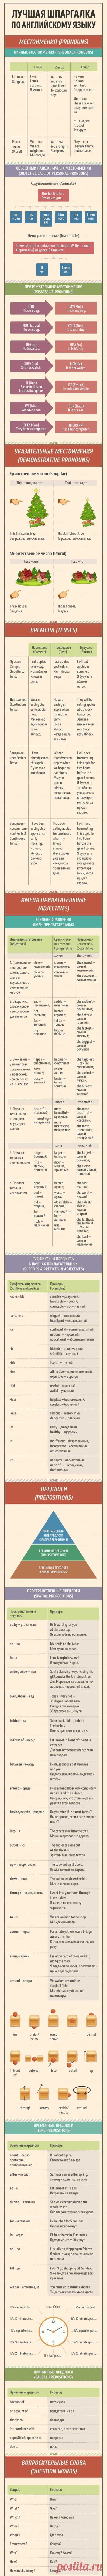 Полезная шпаргалка по английскому языку. Инфографик 1.